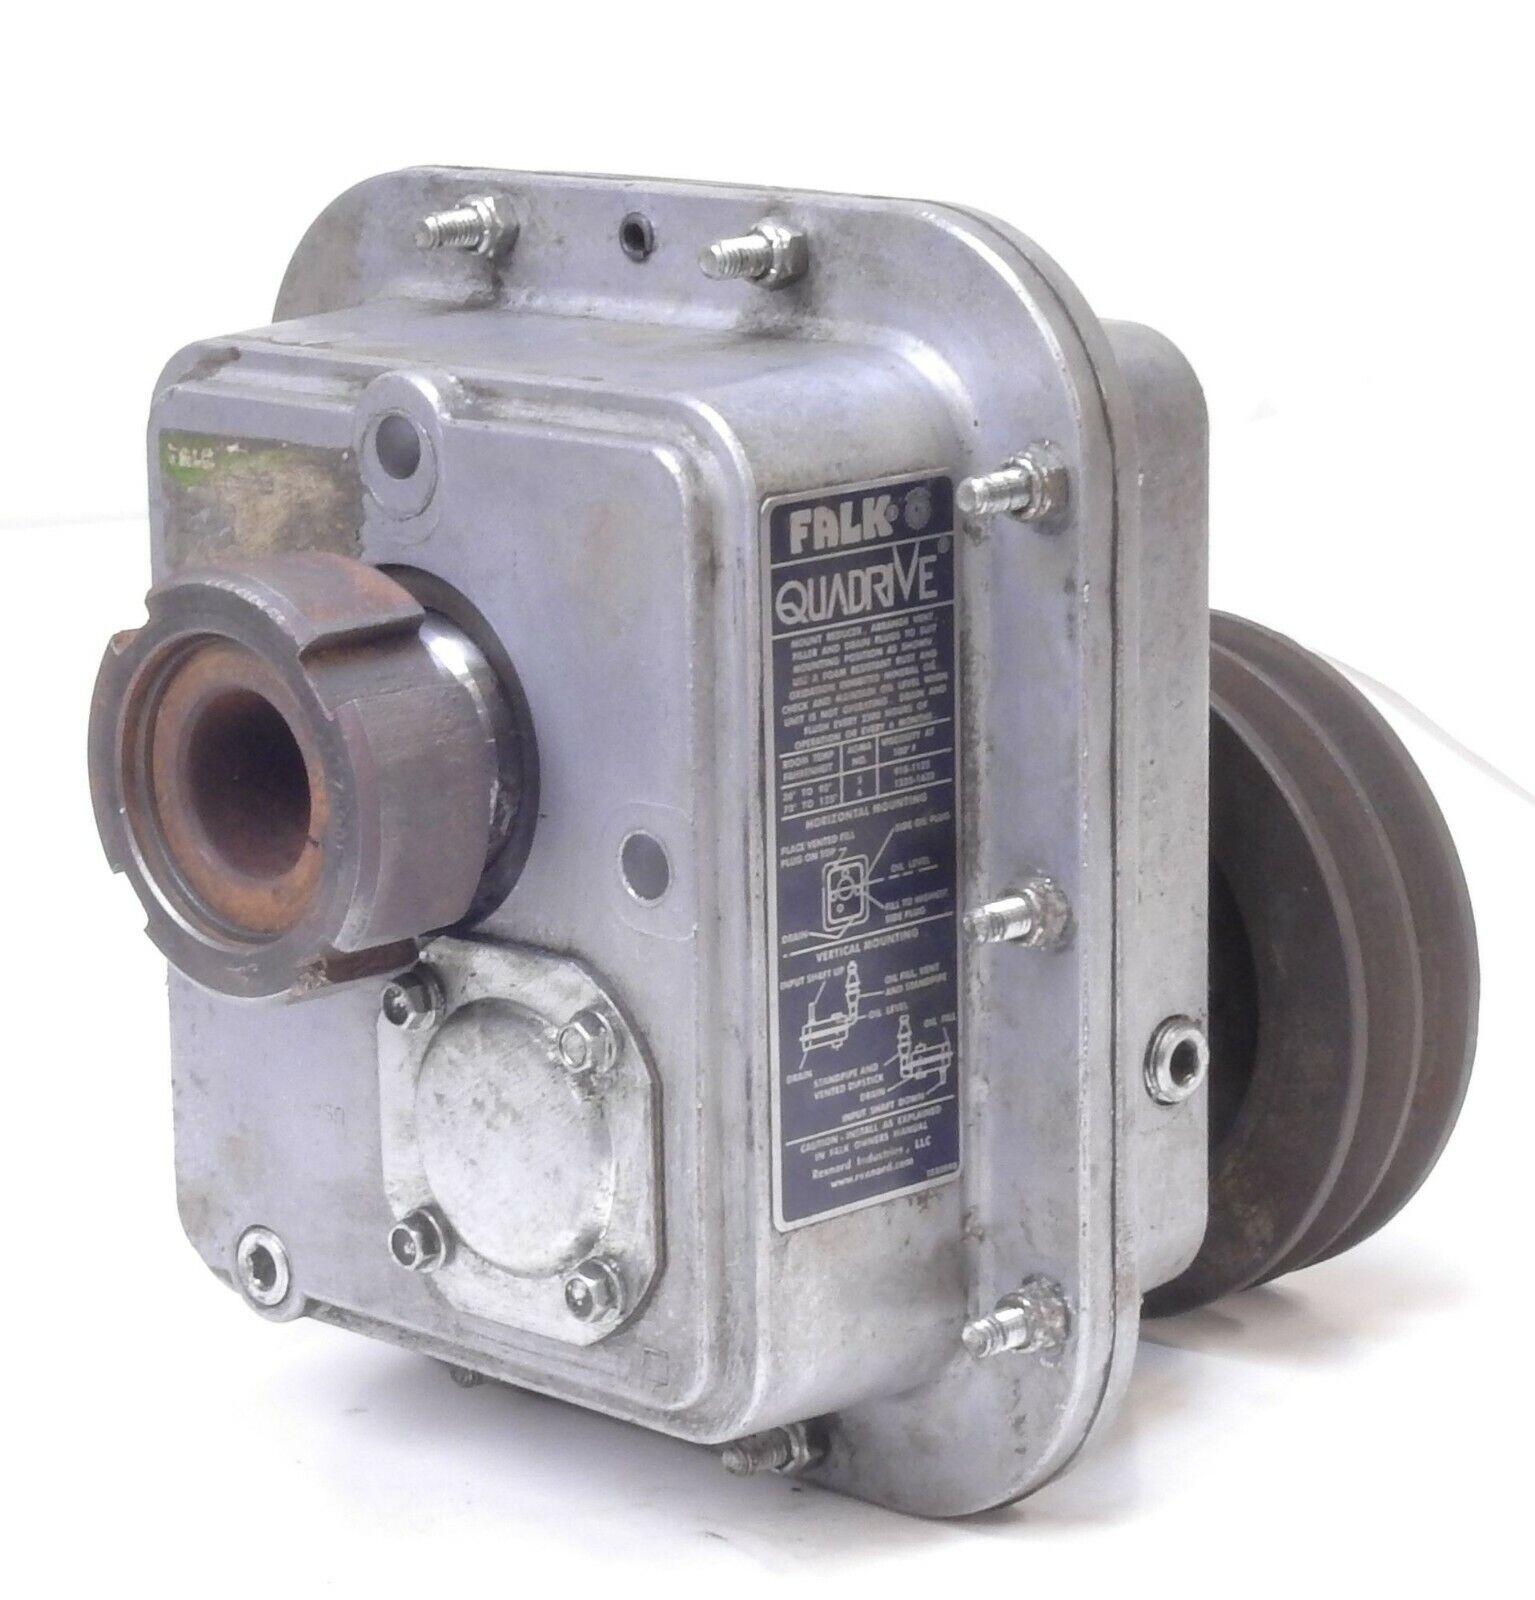 Falk Quadrive 4107J25C